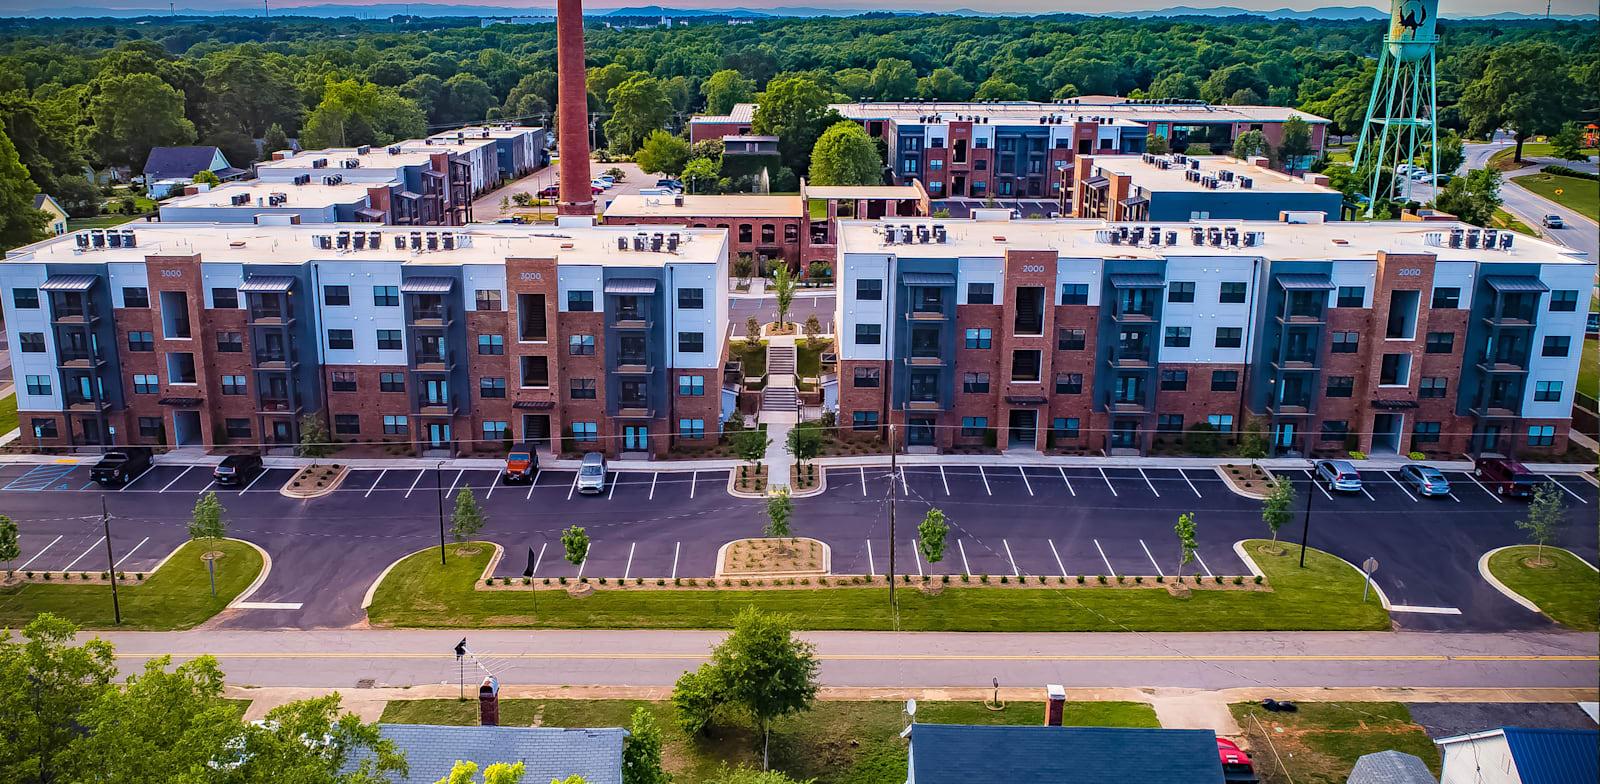 בין הפרויקטים של בוליגו, הסבת מפעל לבנייני מגורים להשכרה בדרום קרוליינה / צילום: יח''צ בוליגו